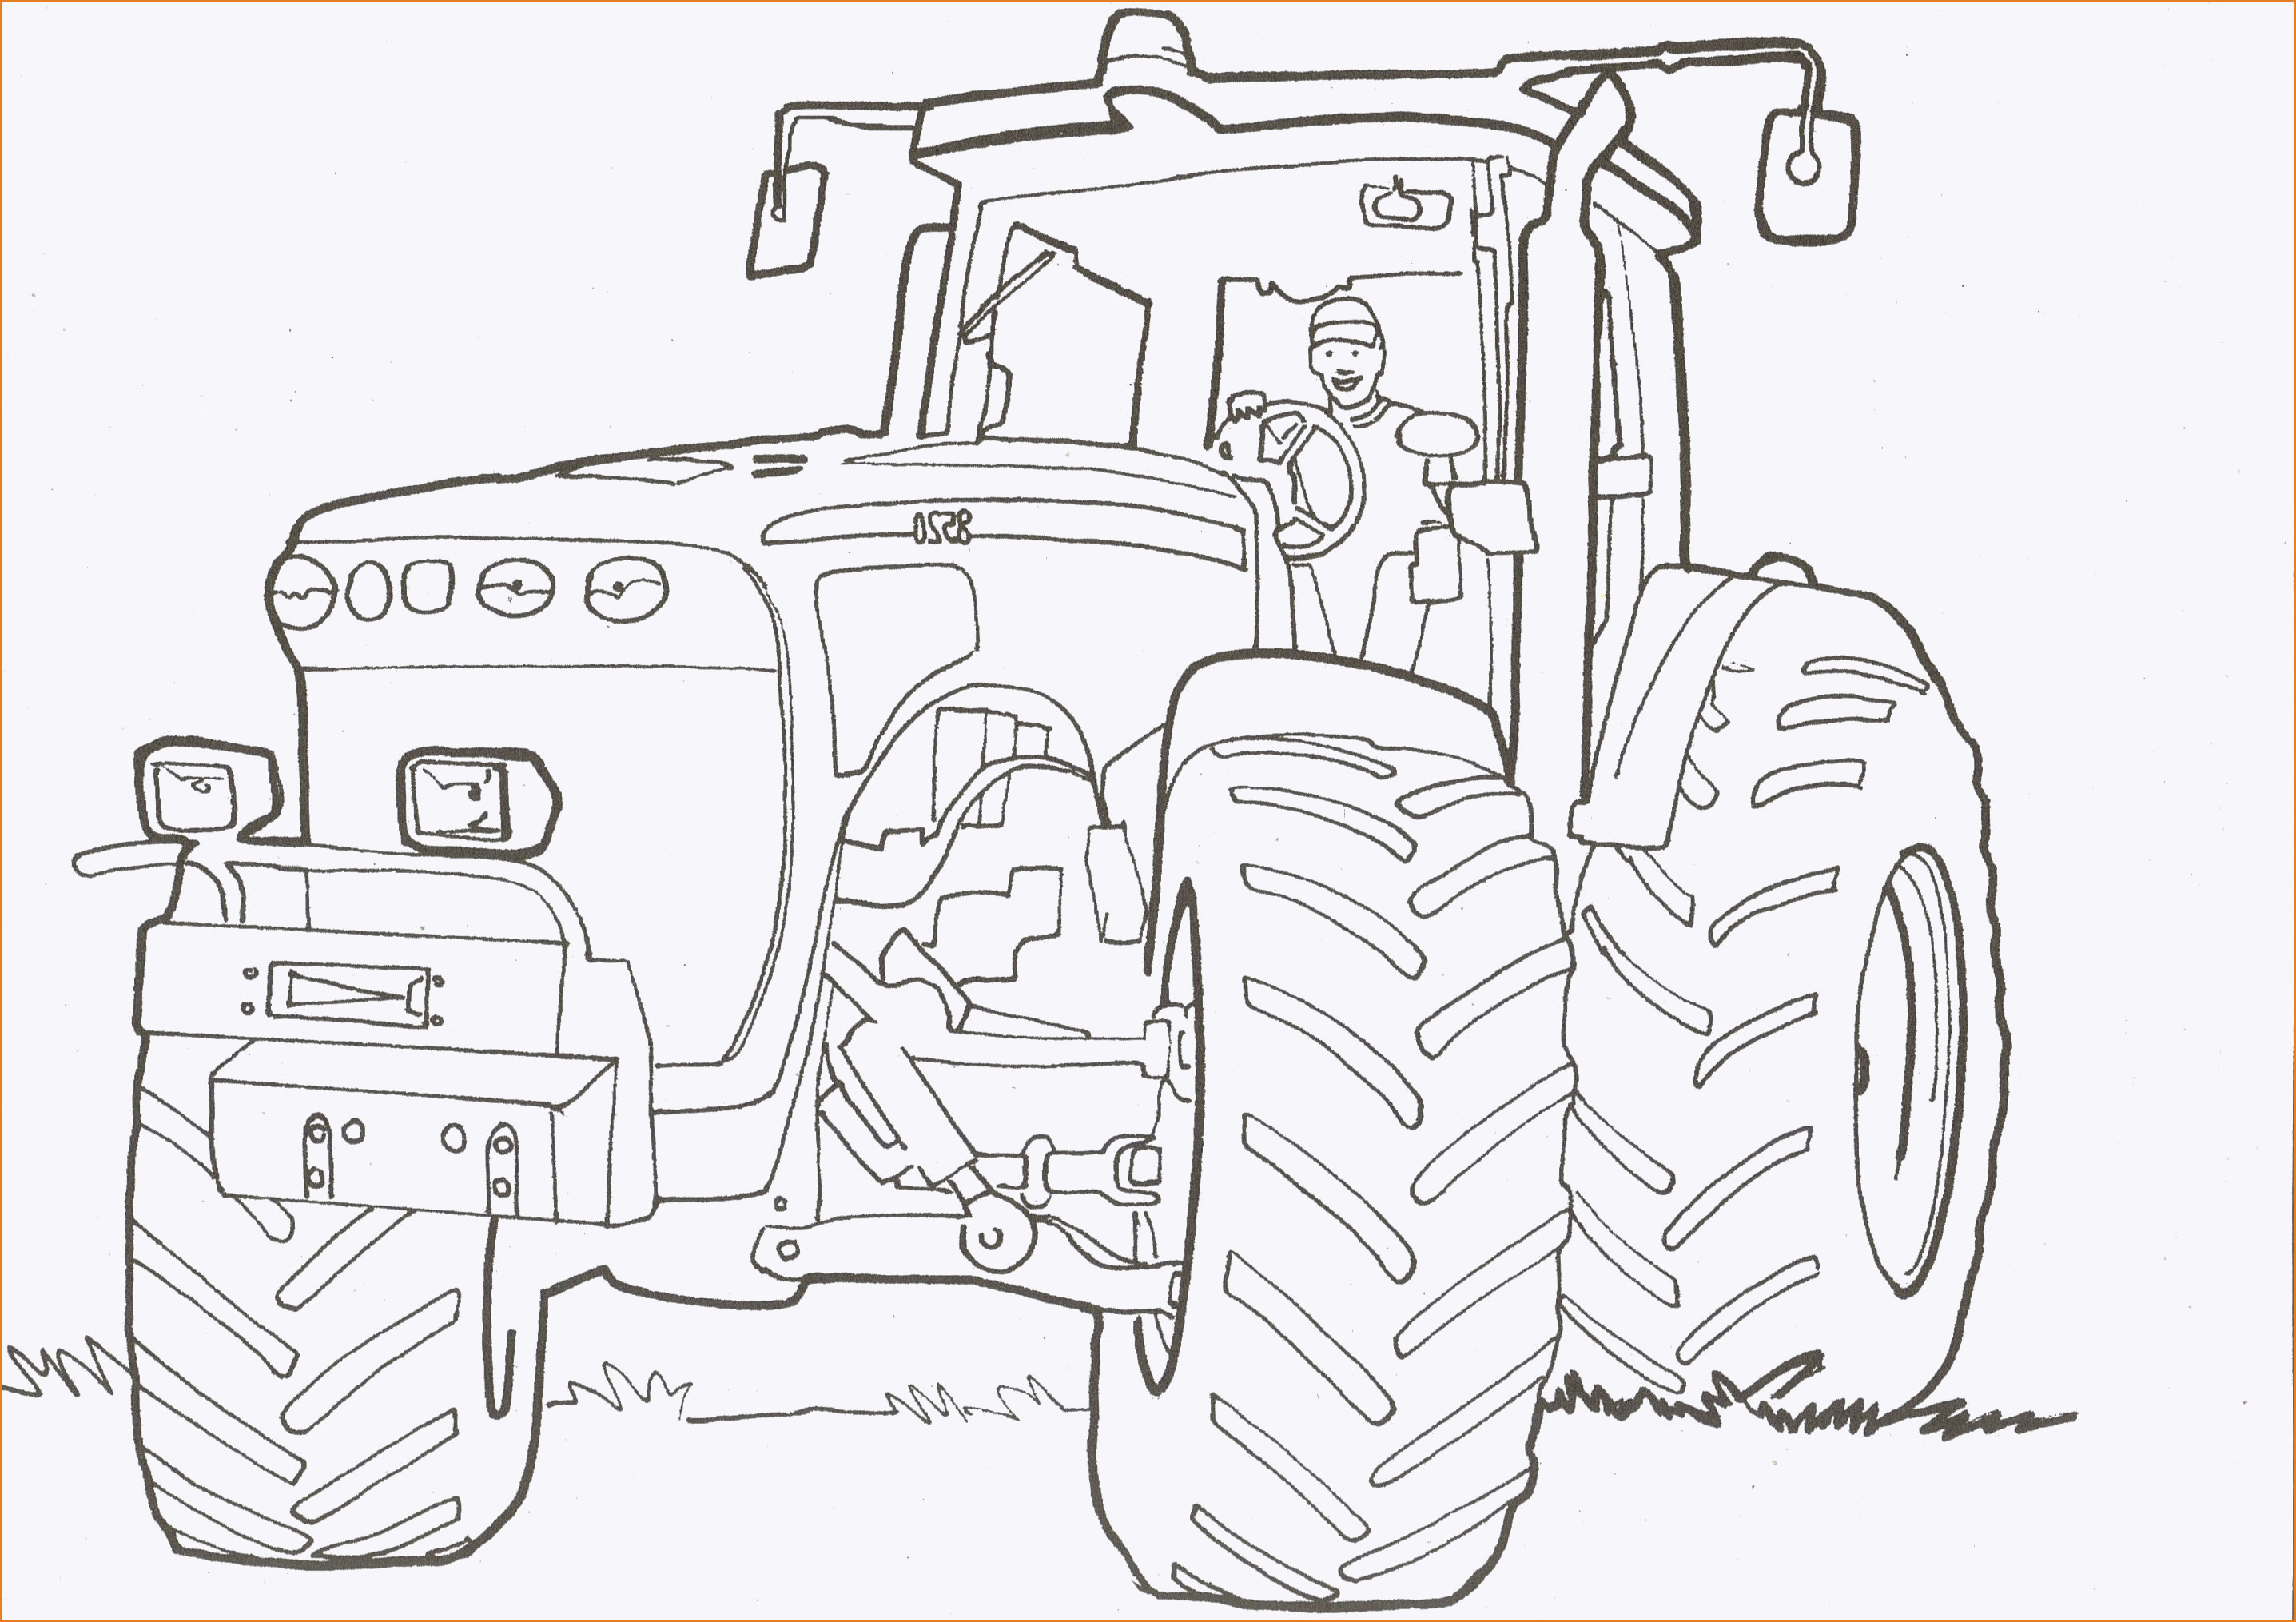 John Deere Ausmalbilder Das Beste Von Ausmalbilder Traktor Inspirierend Ausmalbilder Traktor Claas Tracks Bilder